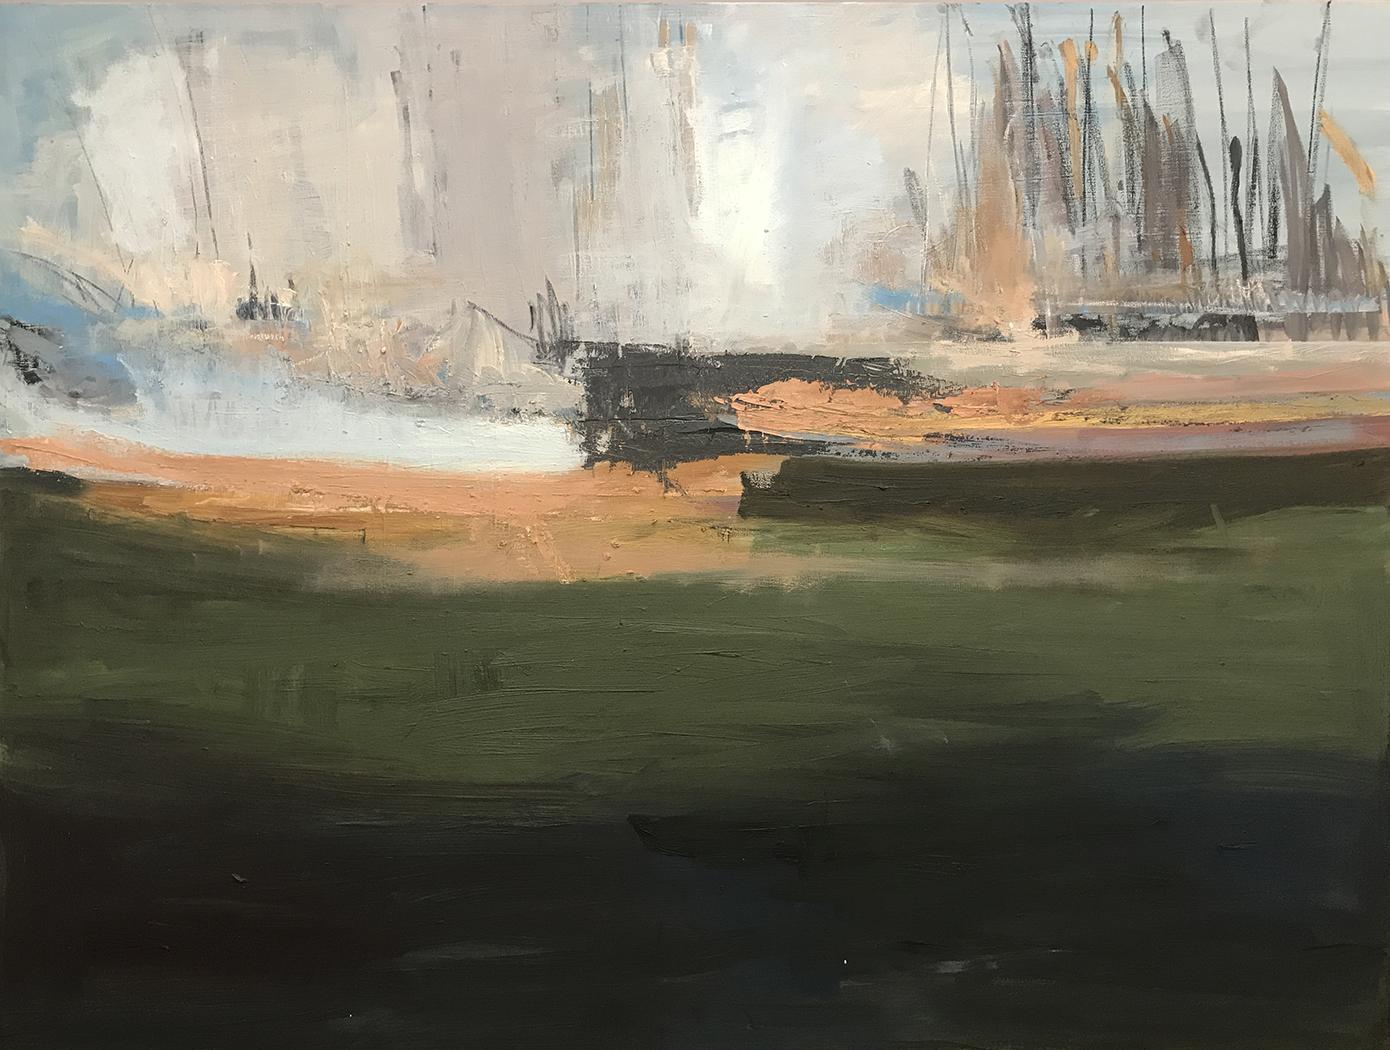 Painting_22_Green Gestural Field.jpg